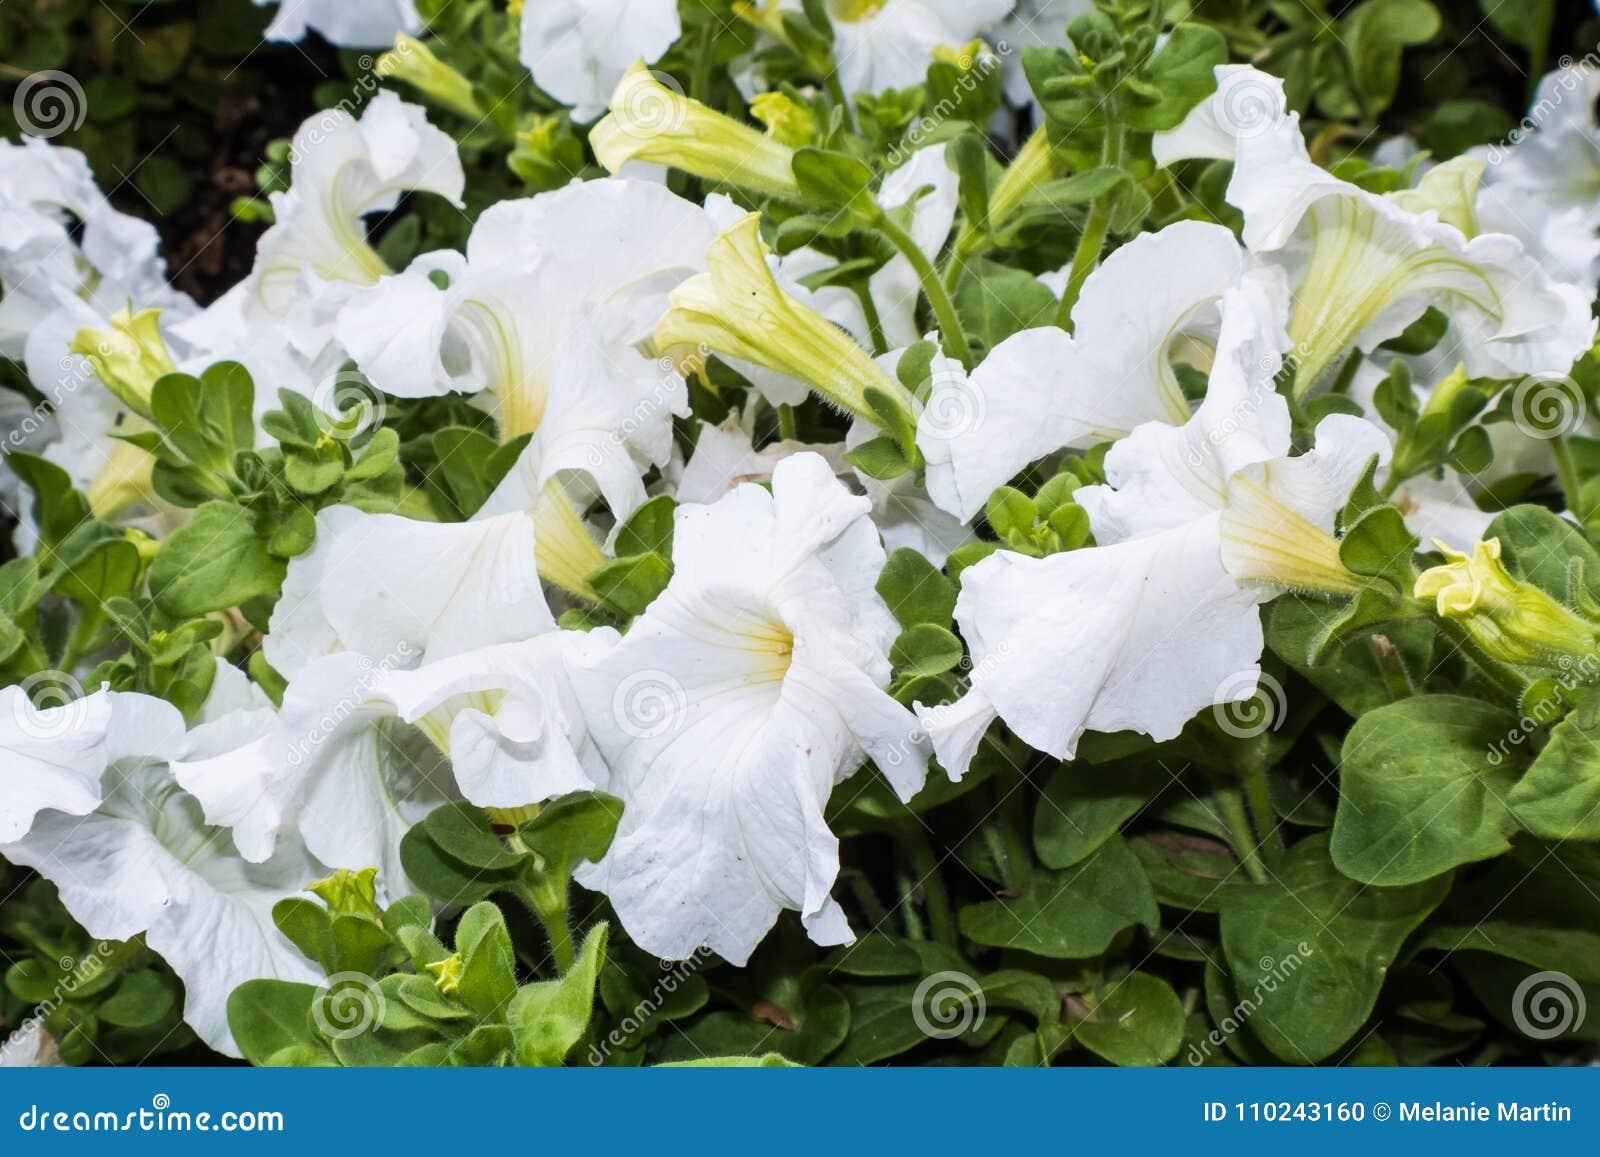 Φωτεινά άσπρα λουλούδια σαλπίγγων με τα πράσινα φύλλα